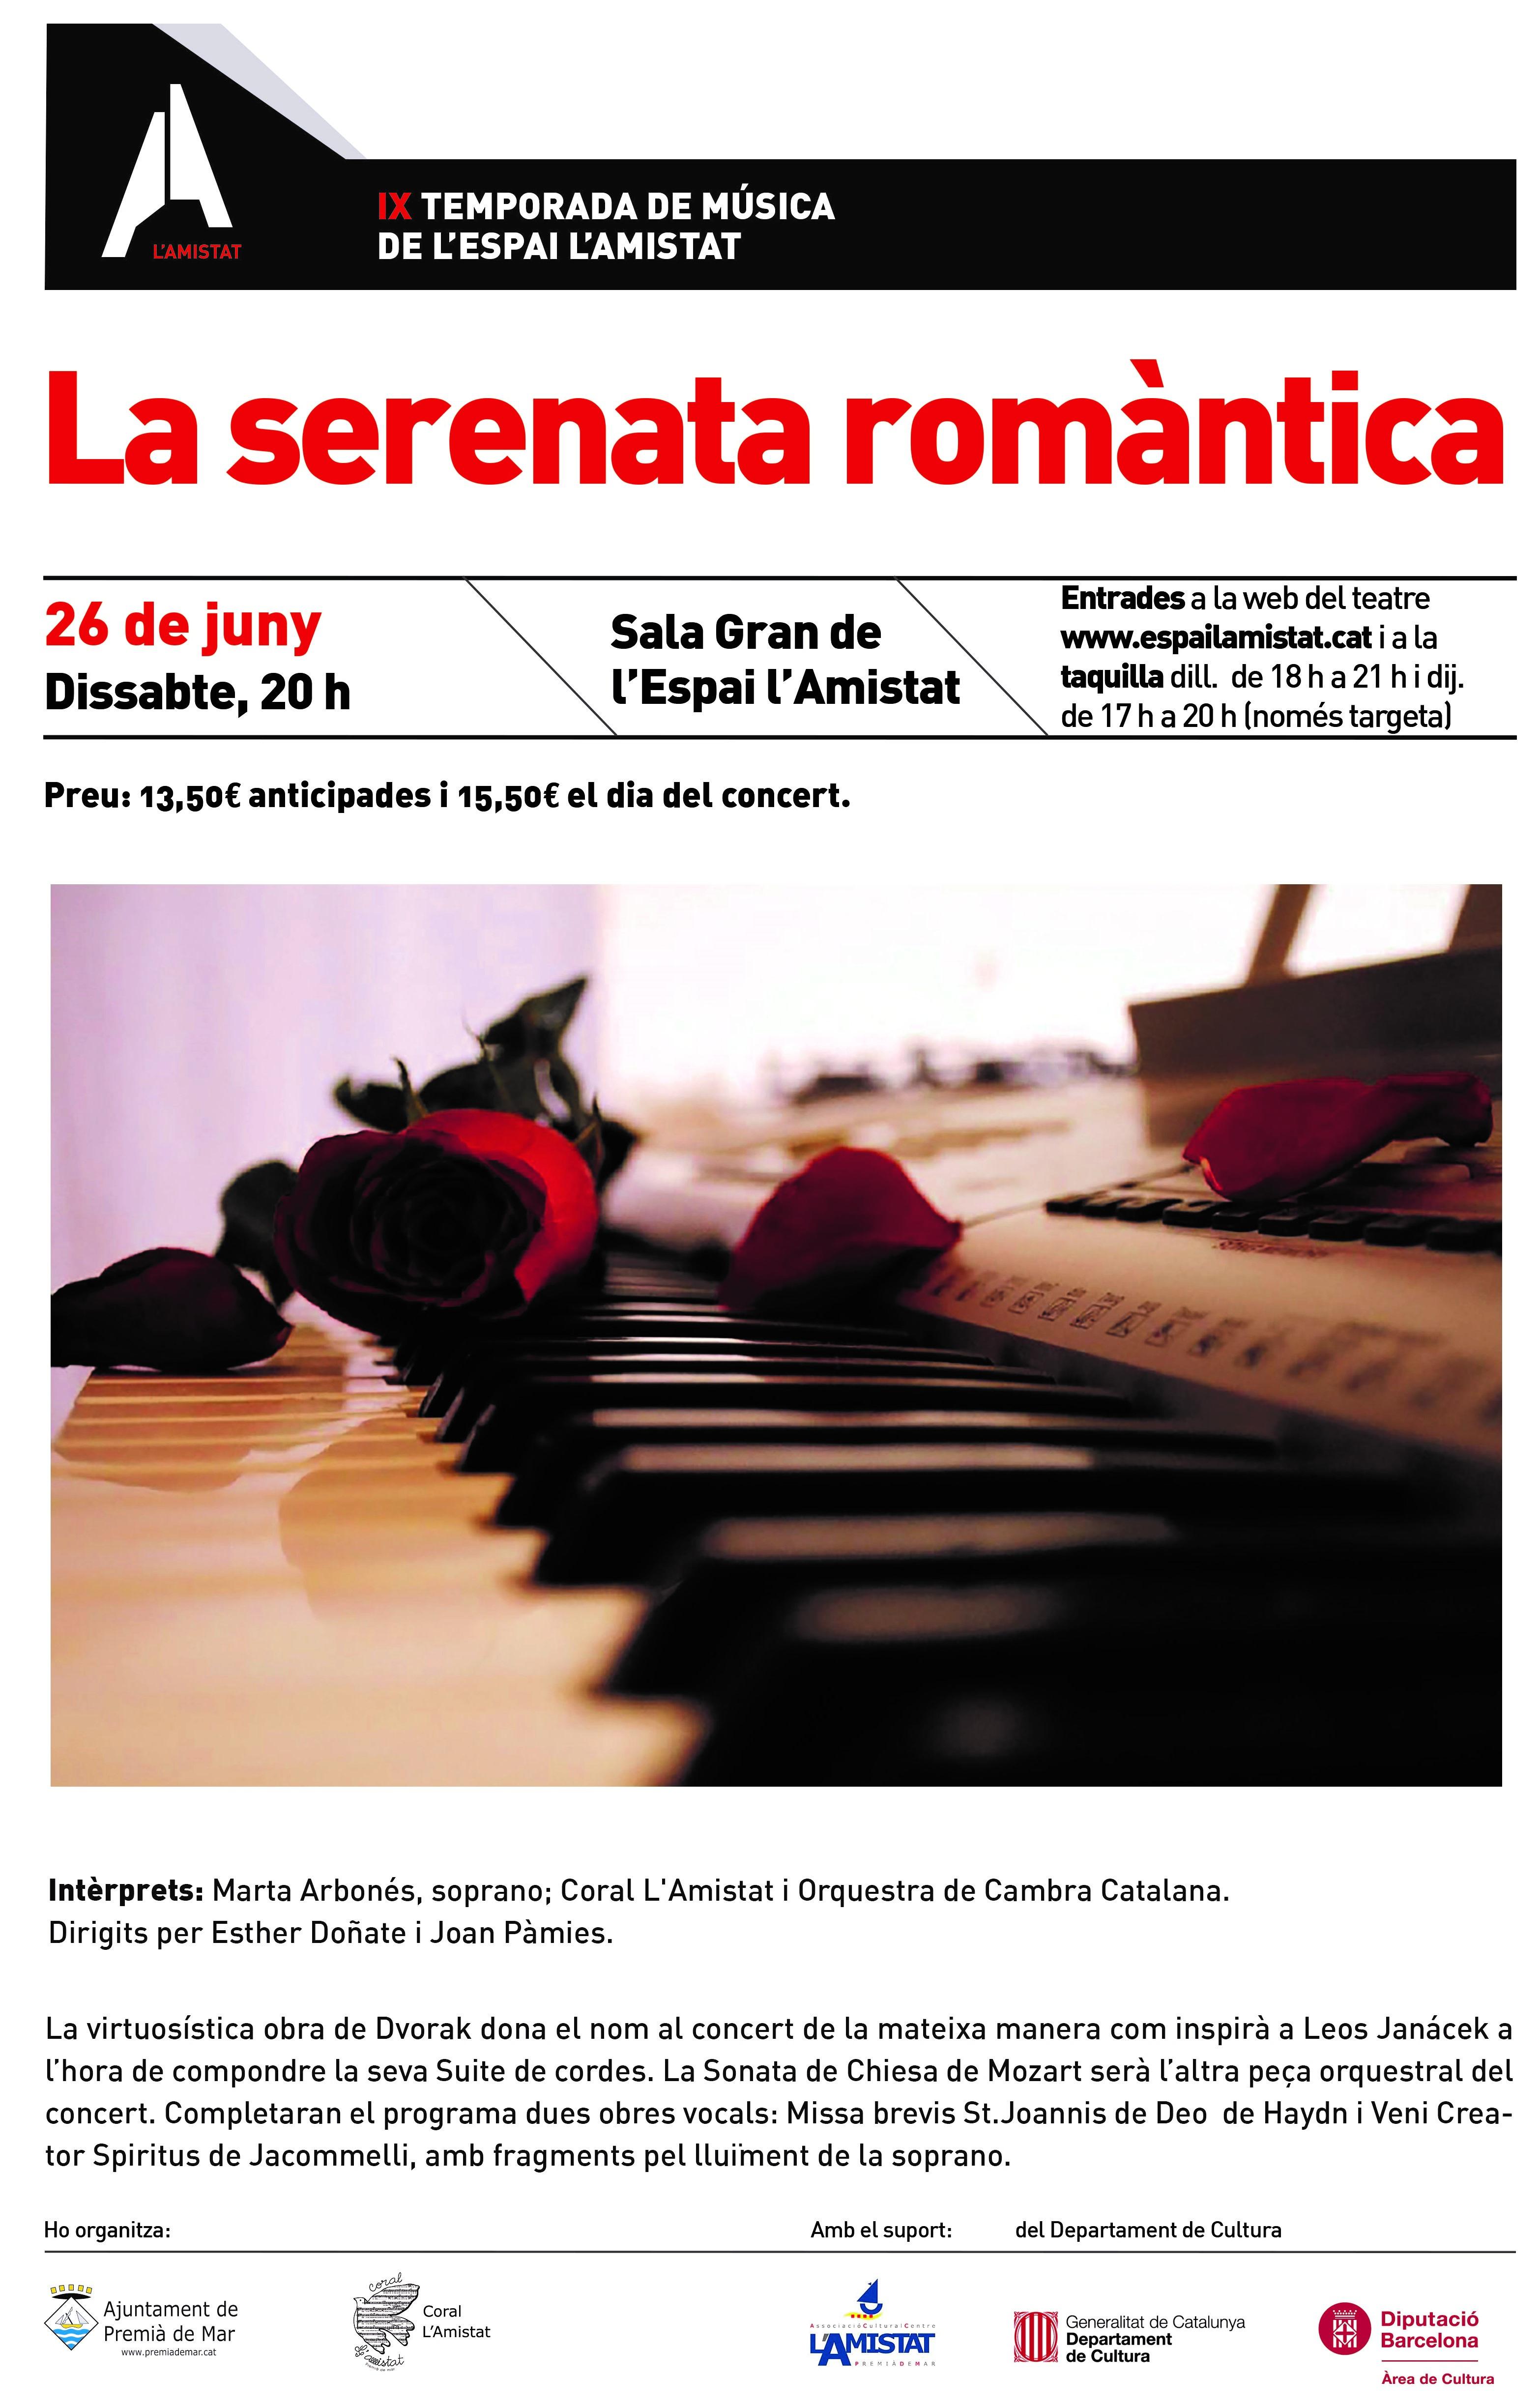 Serenata romàntica